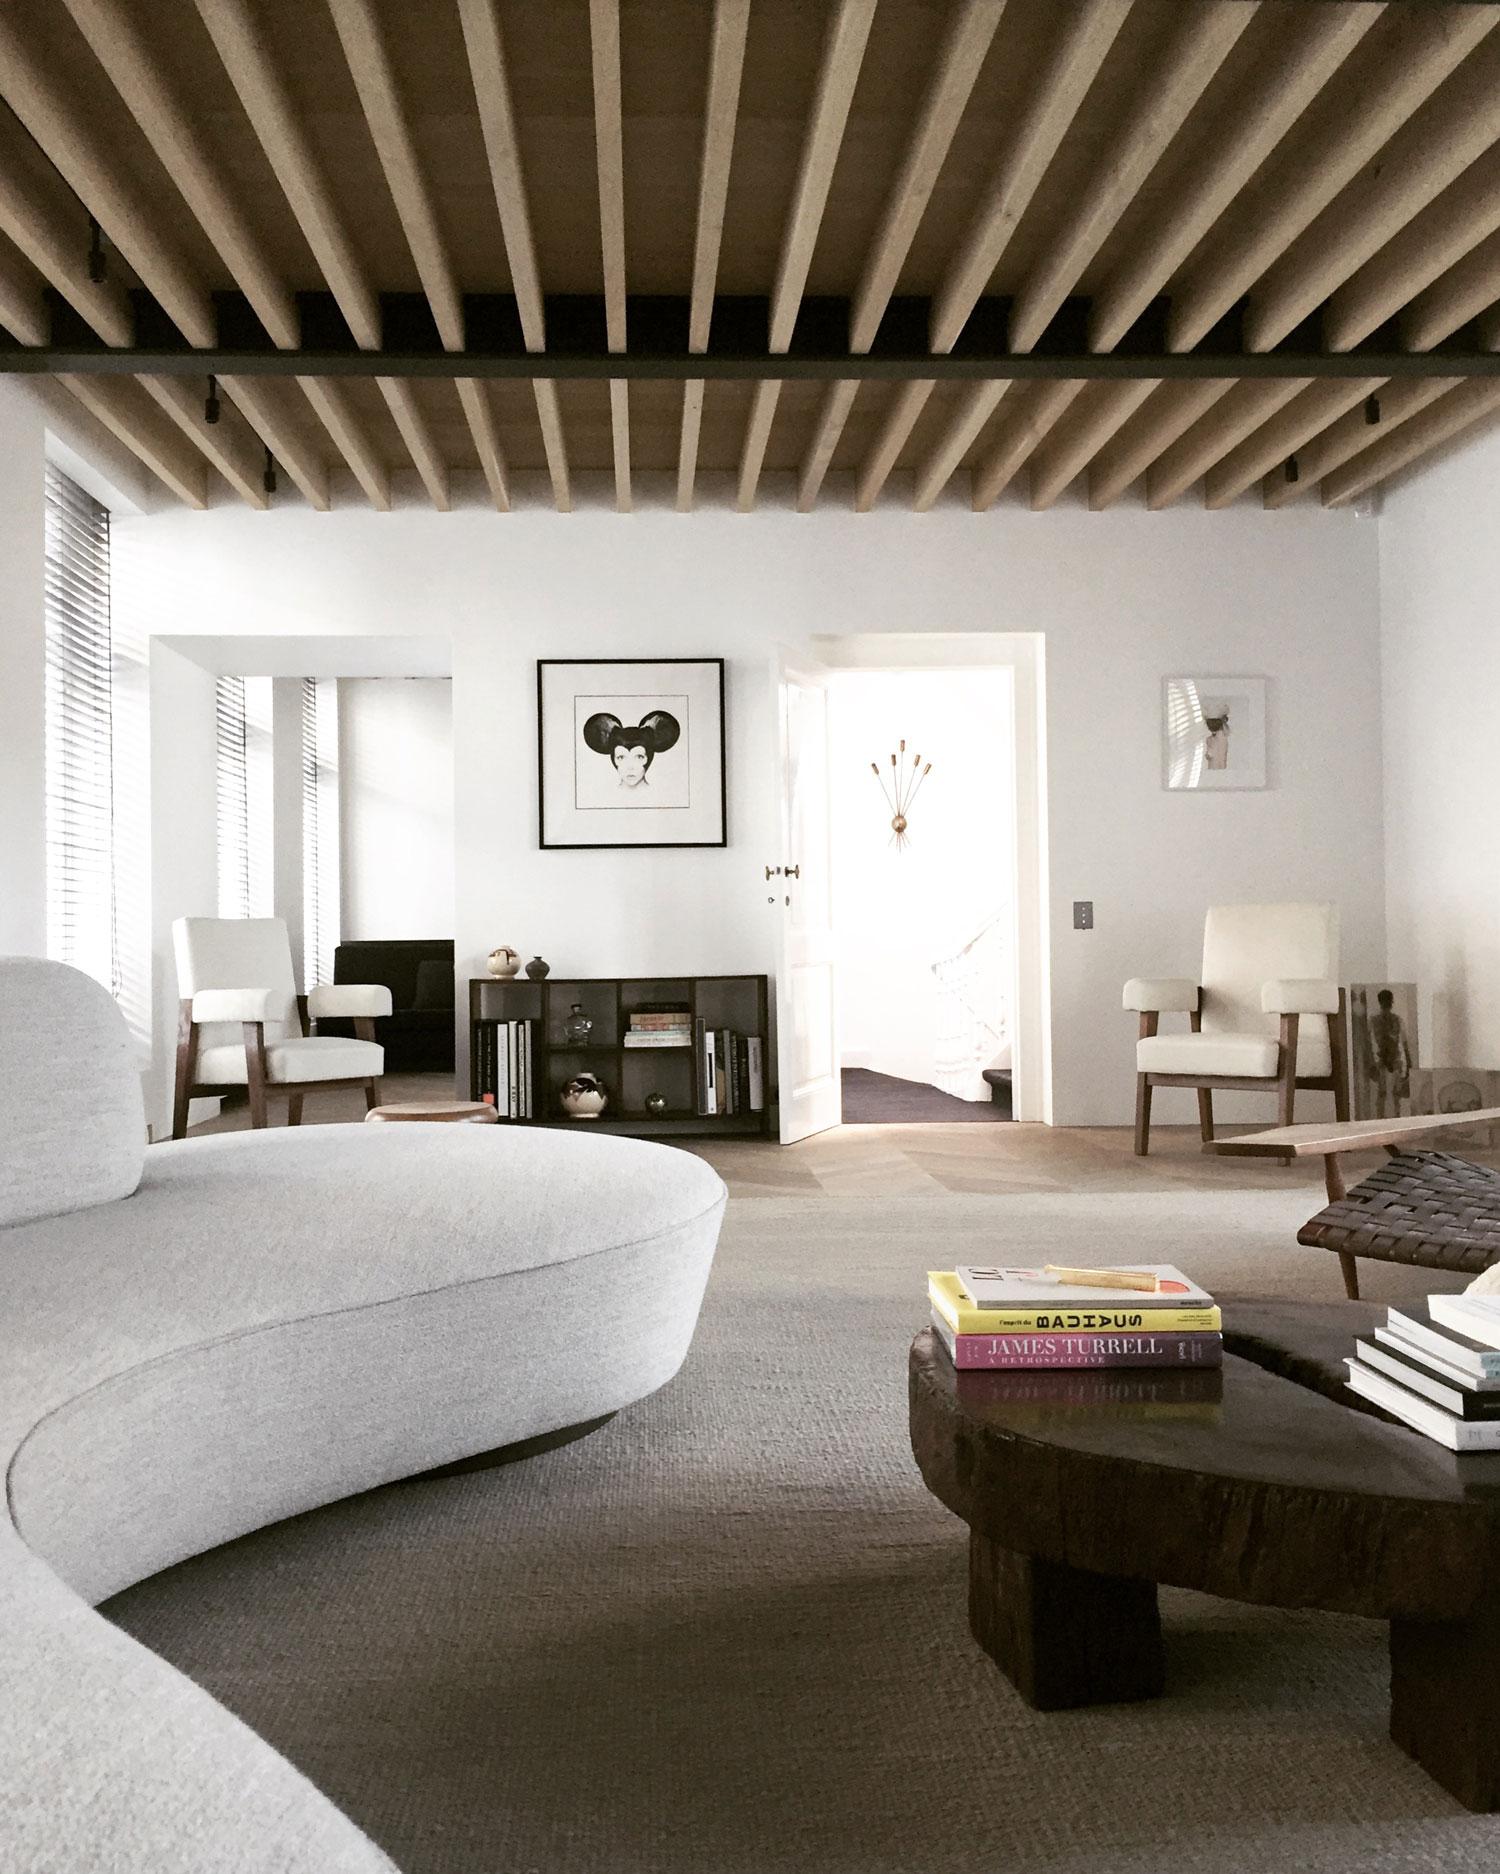 MK House in Antwerp by Nicolas Schuybroek Architects ...